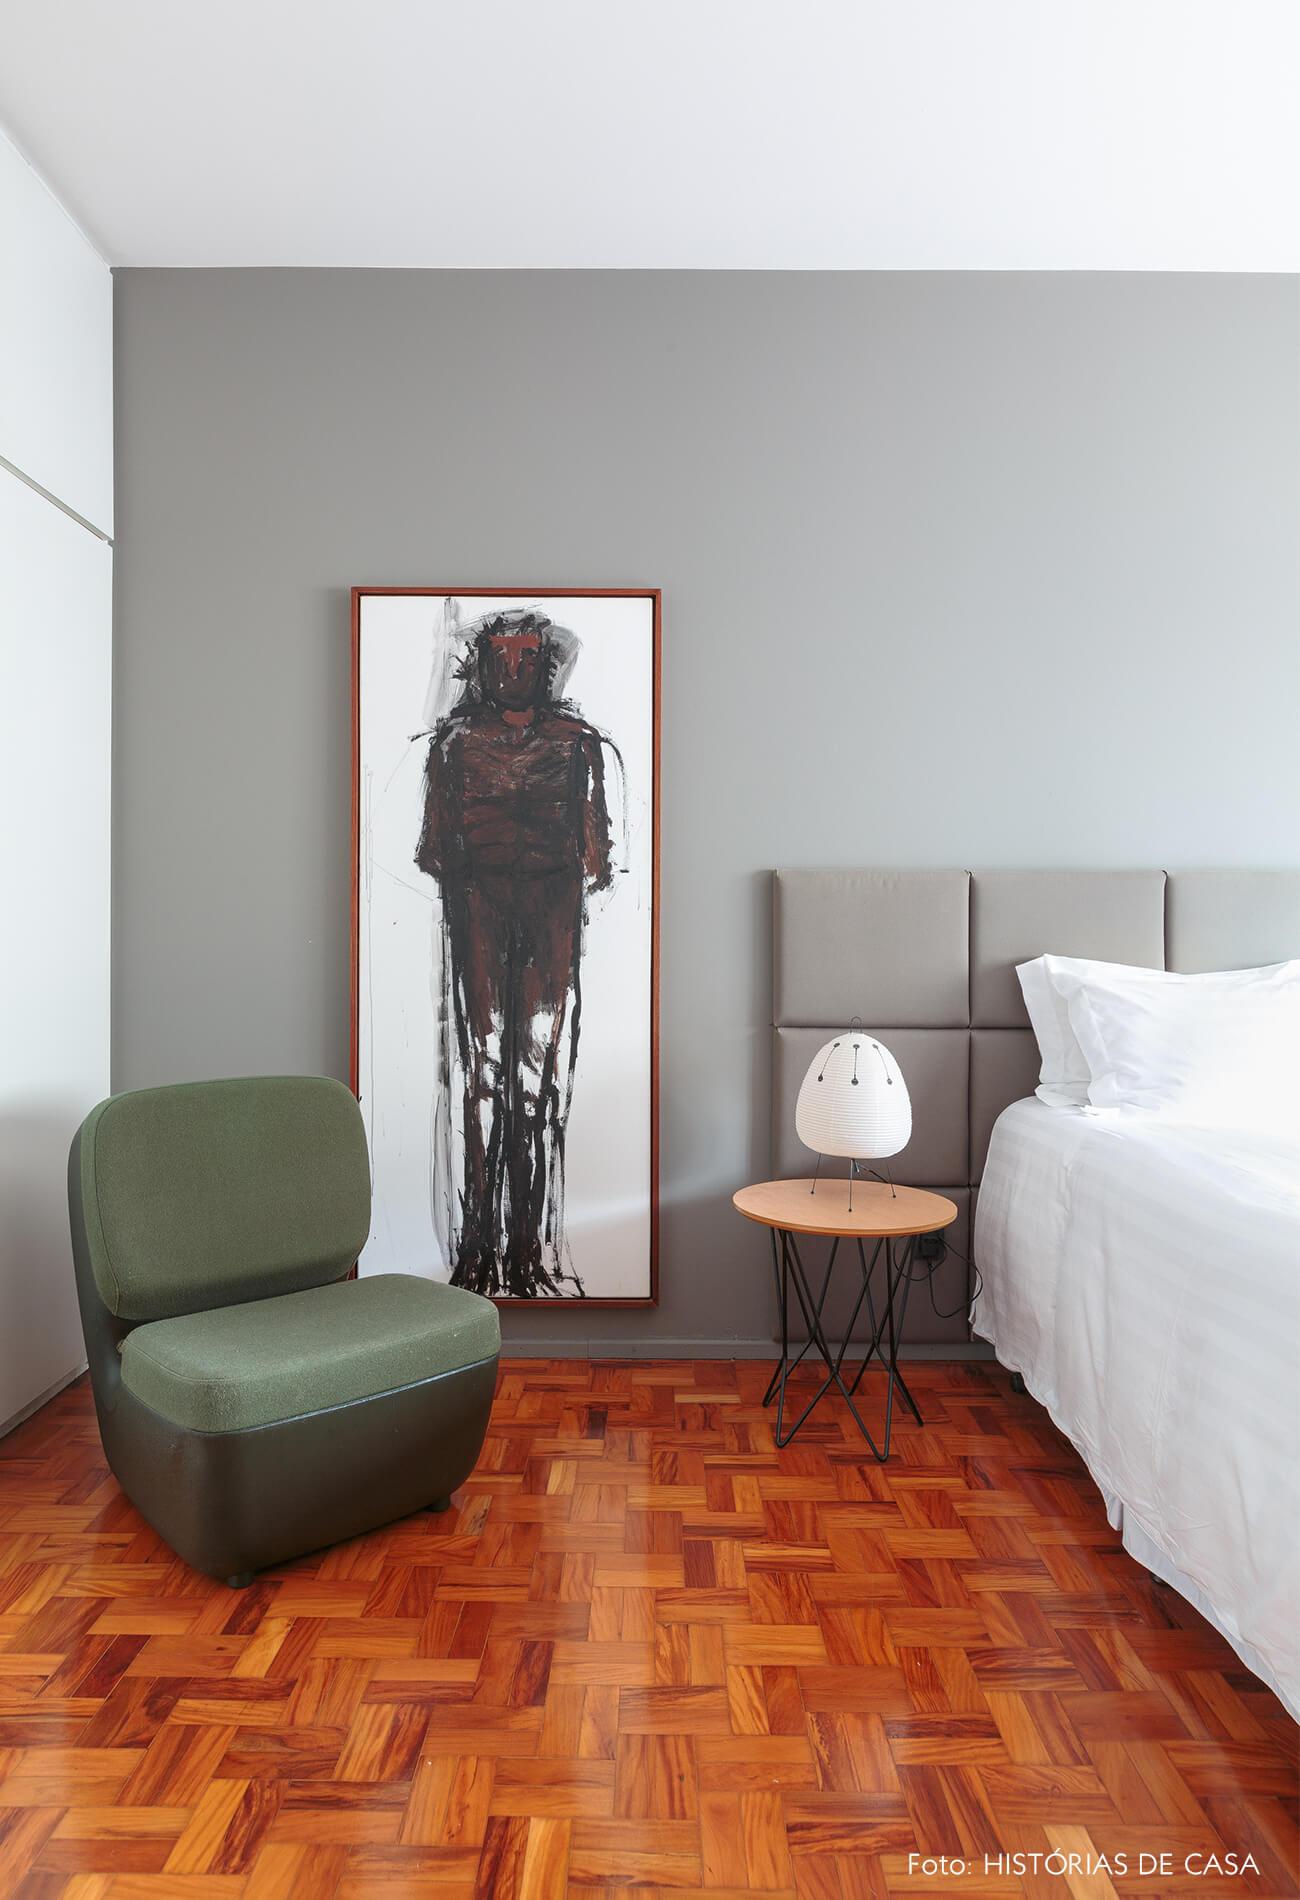 decoração quarto com parede cinza quadro de pintura e cadeira verde